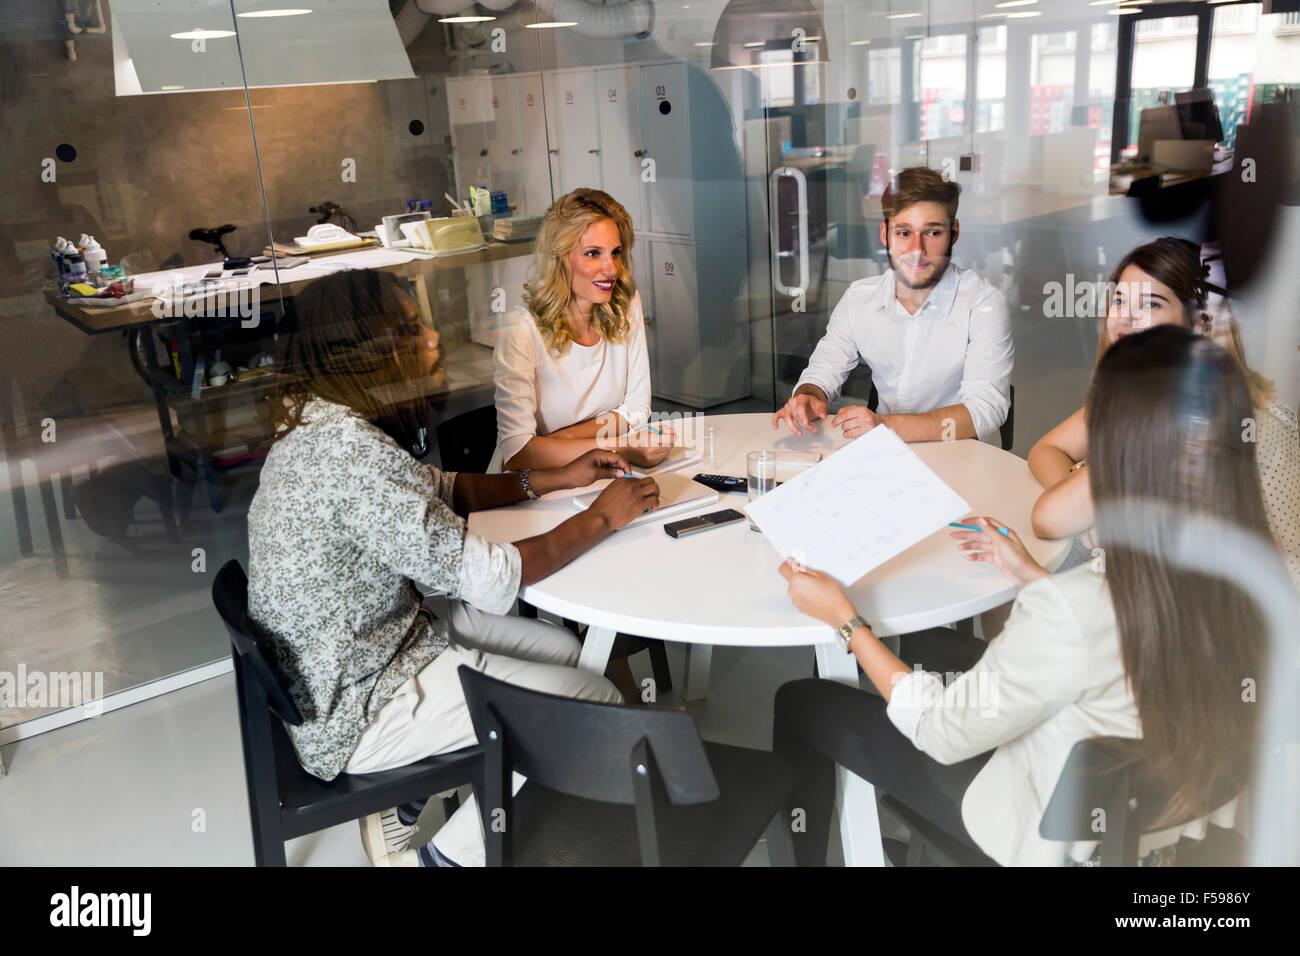 Geschäftliche Treffen und brainstorming im schönen Büro Stockbild